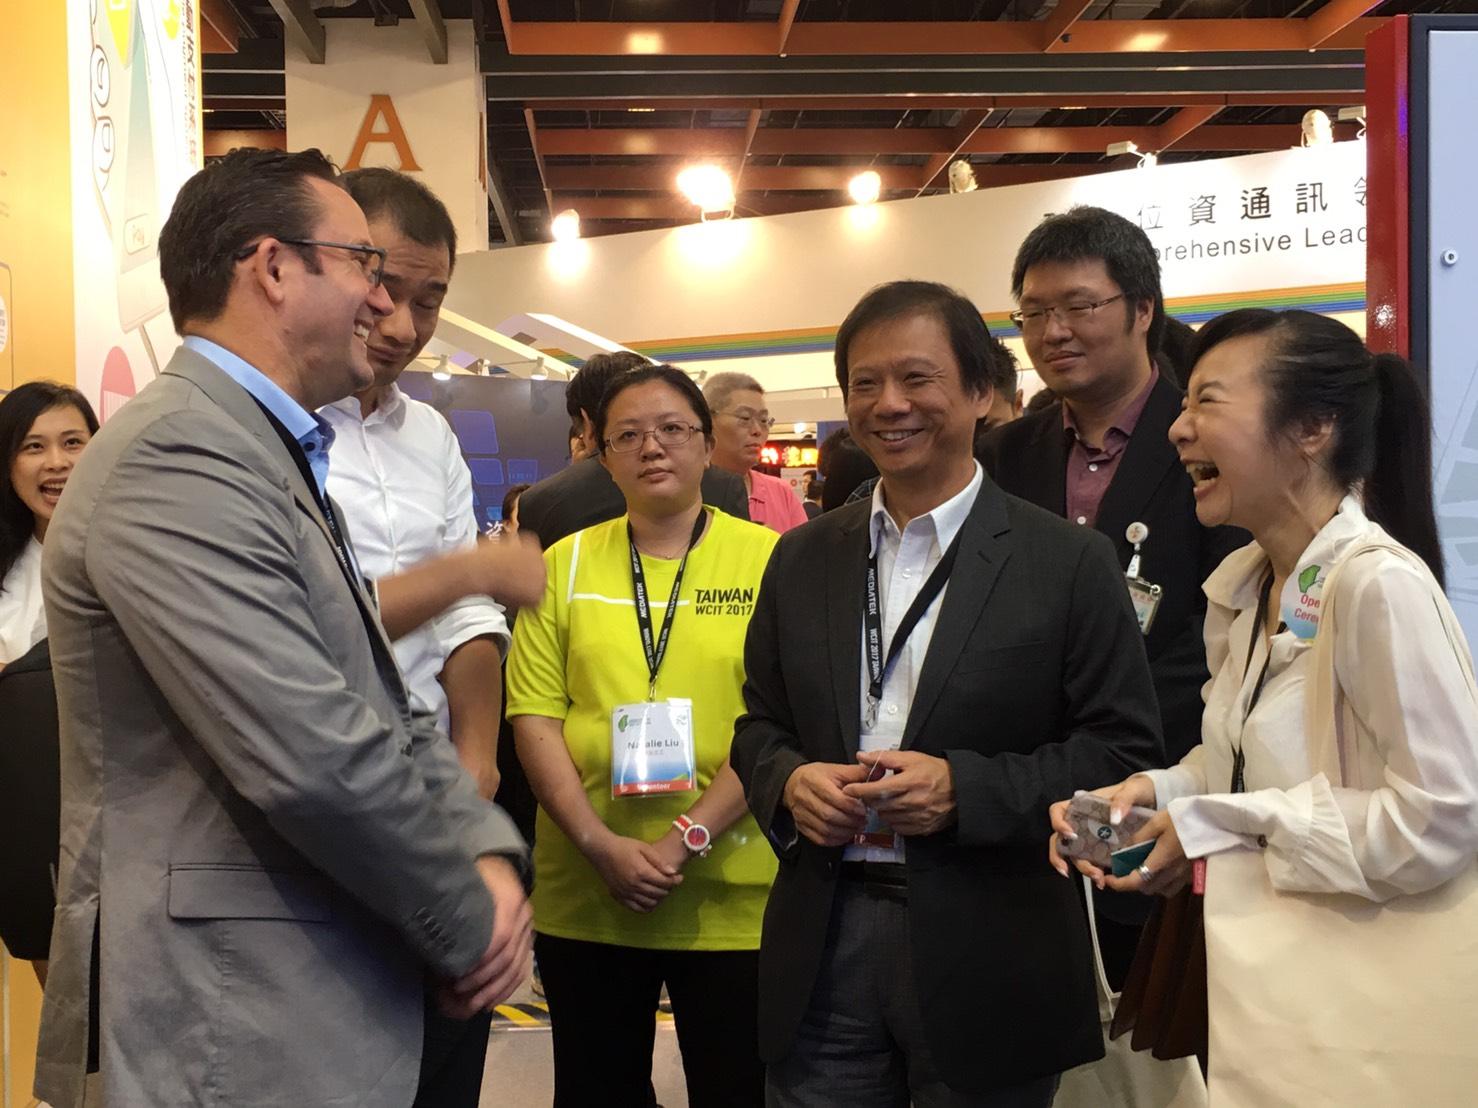 圖說:台北市政府資訊局李維斌局長(圖右3)介紹台北館特色。